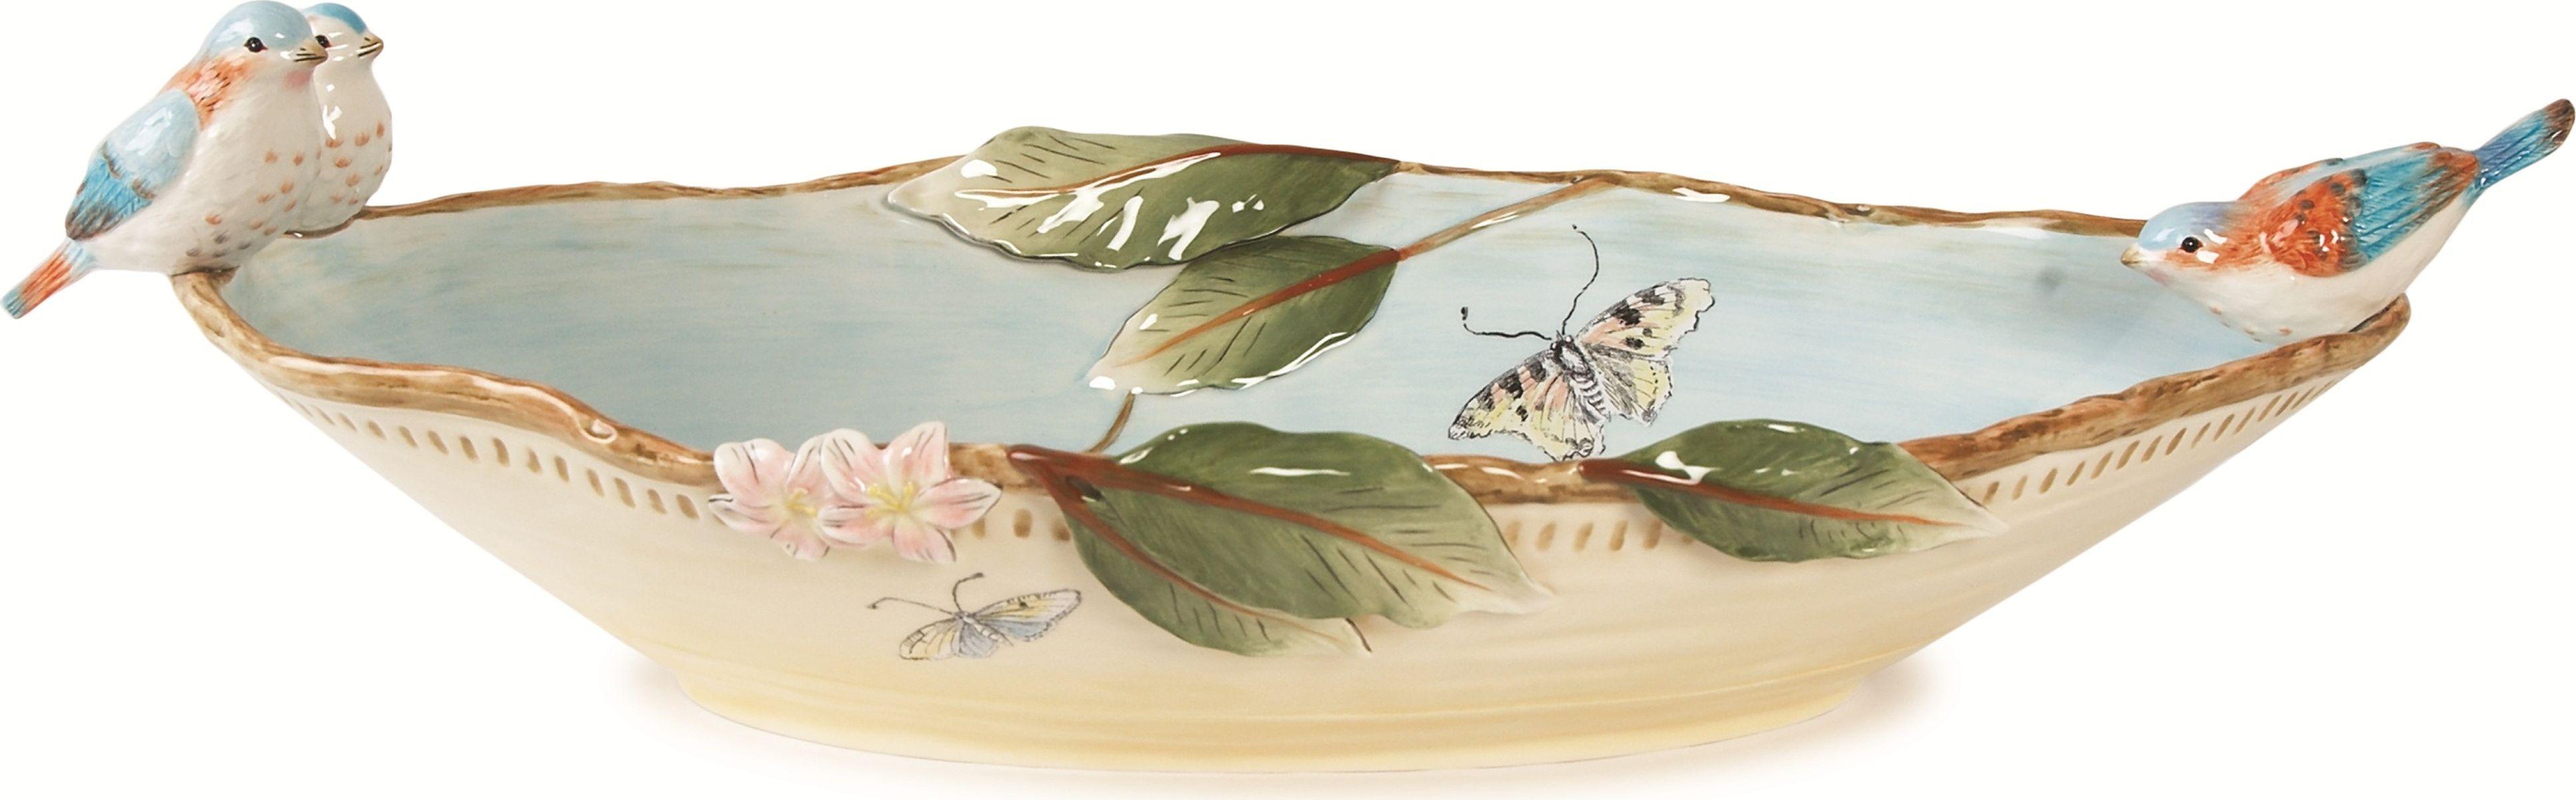 Блюдо для сервировки Fitz and Floyd Тулуза, 58 х 26 см20-482Блюдо для сервировки 58смМатериал - керамика, расписанная вручнуюРекомендуется бережная ручная мойка с использованием без абразивных моющих средств.Подарочная упаковка